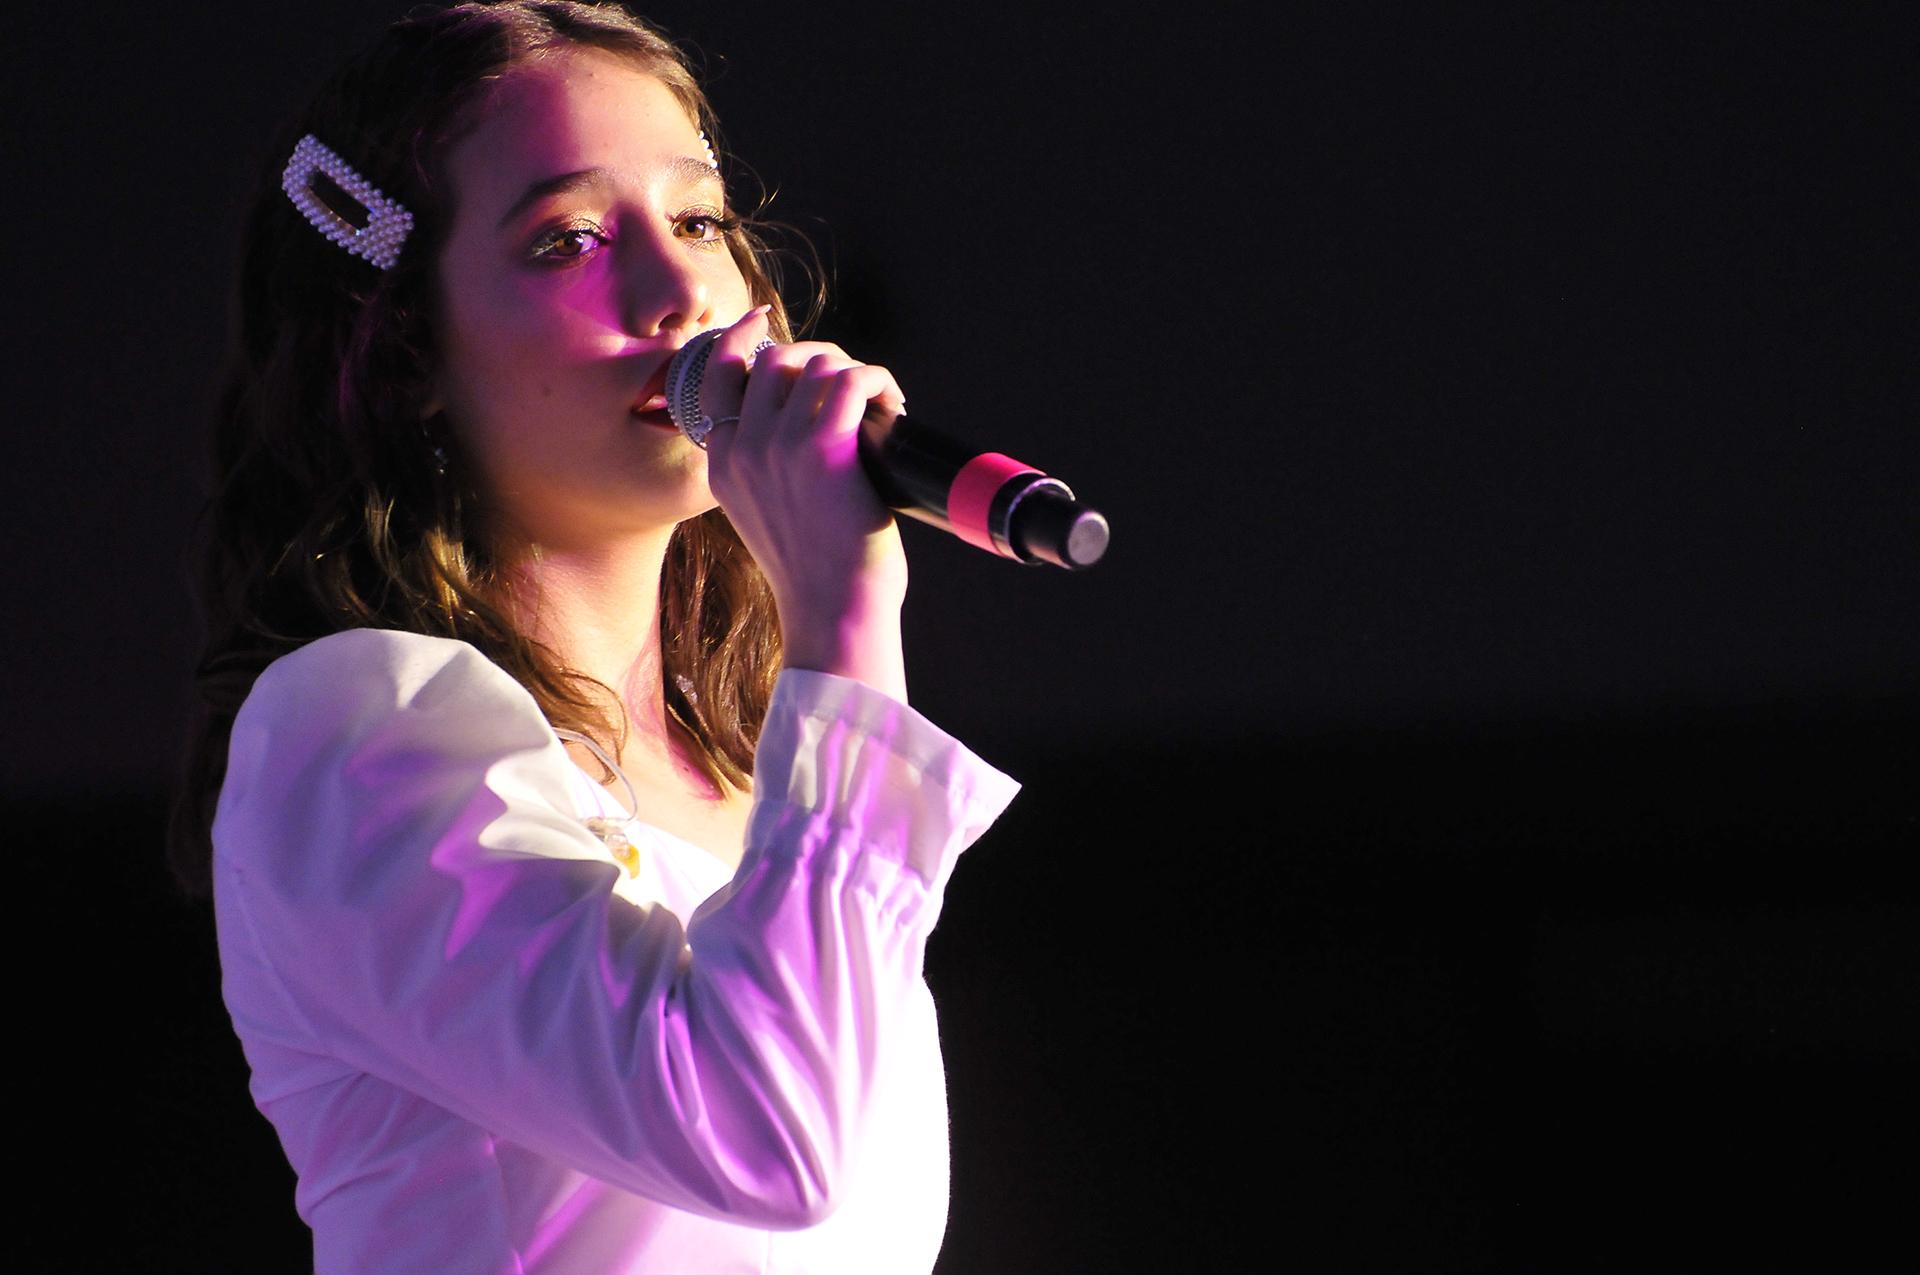 Ángela Torres cautivó con su voz